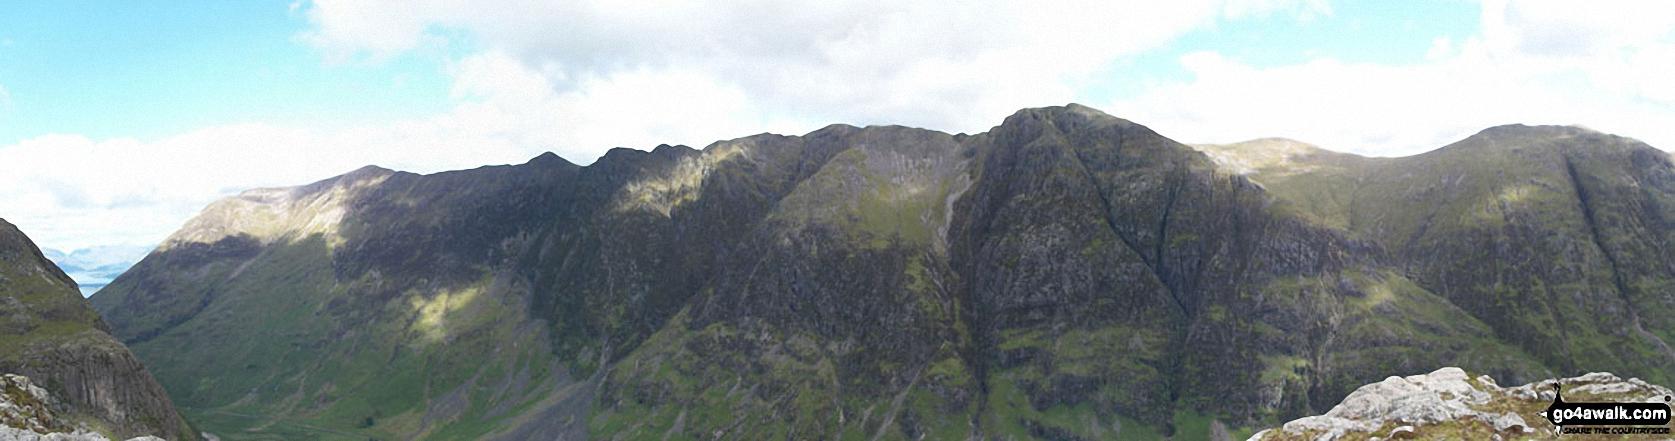 The Aonach Eagach Ridge from Bidean Nam Bian